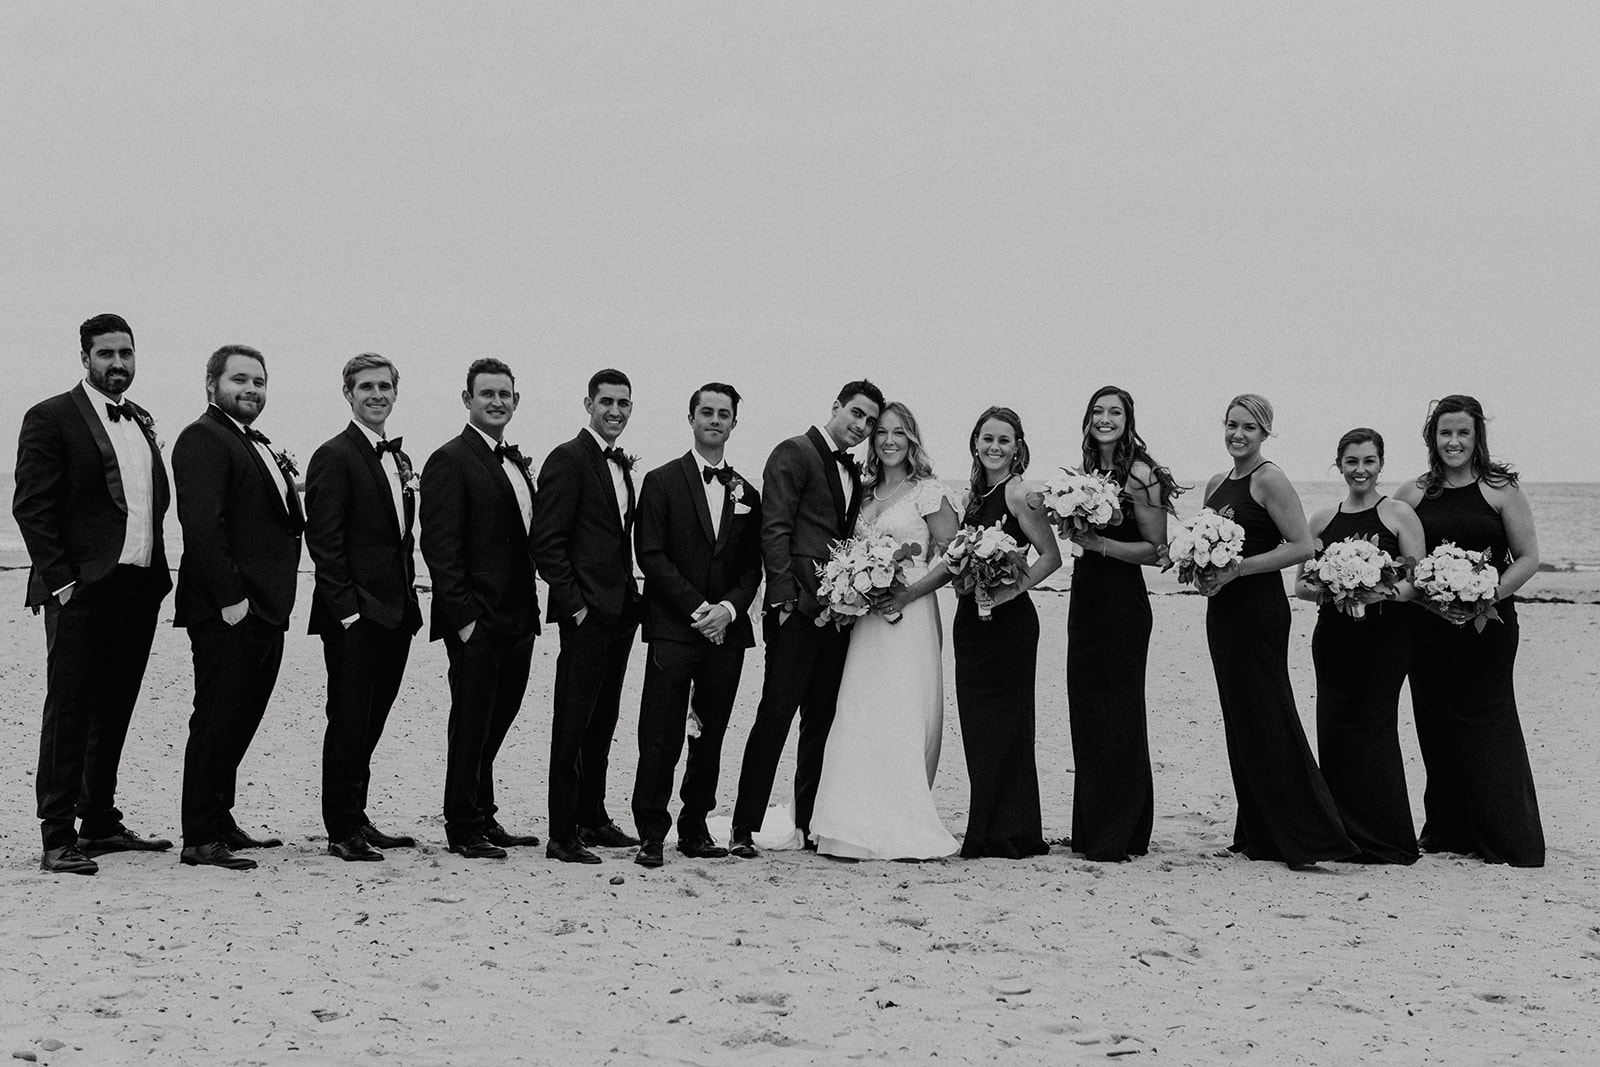 weddingparty-2018162652.jpg